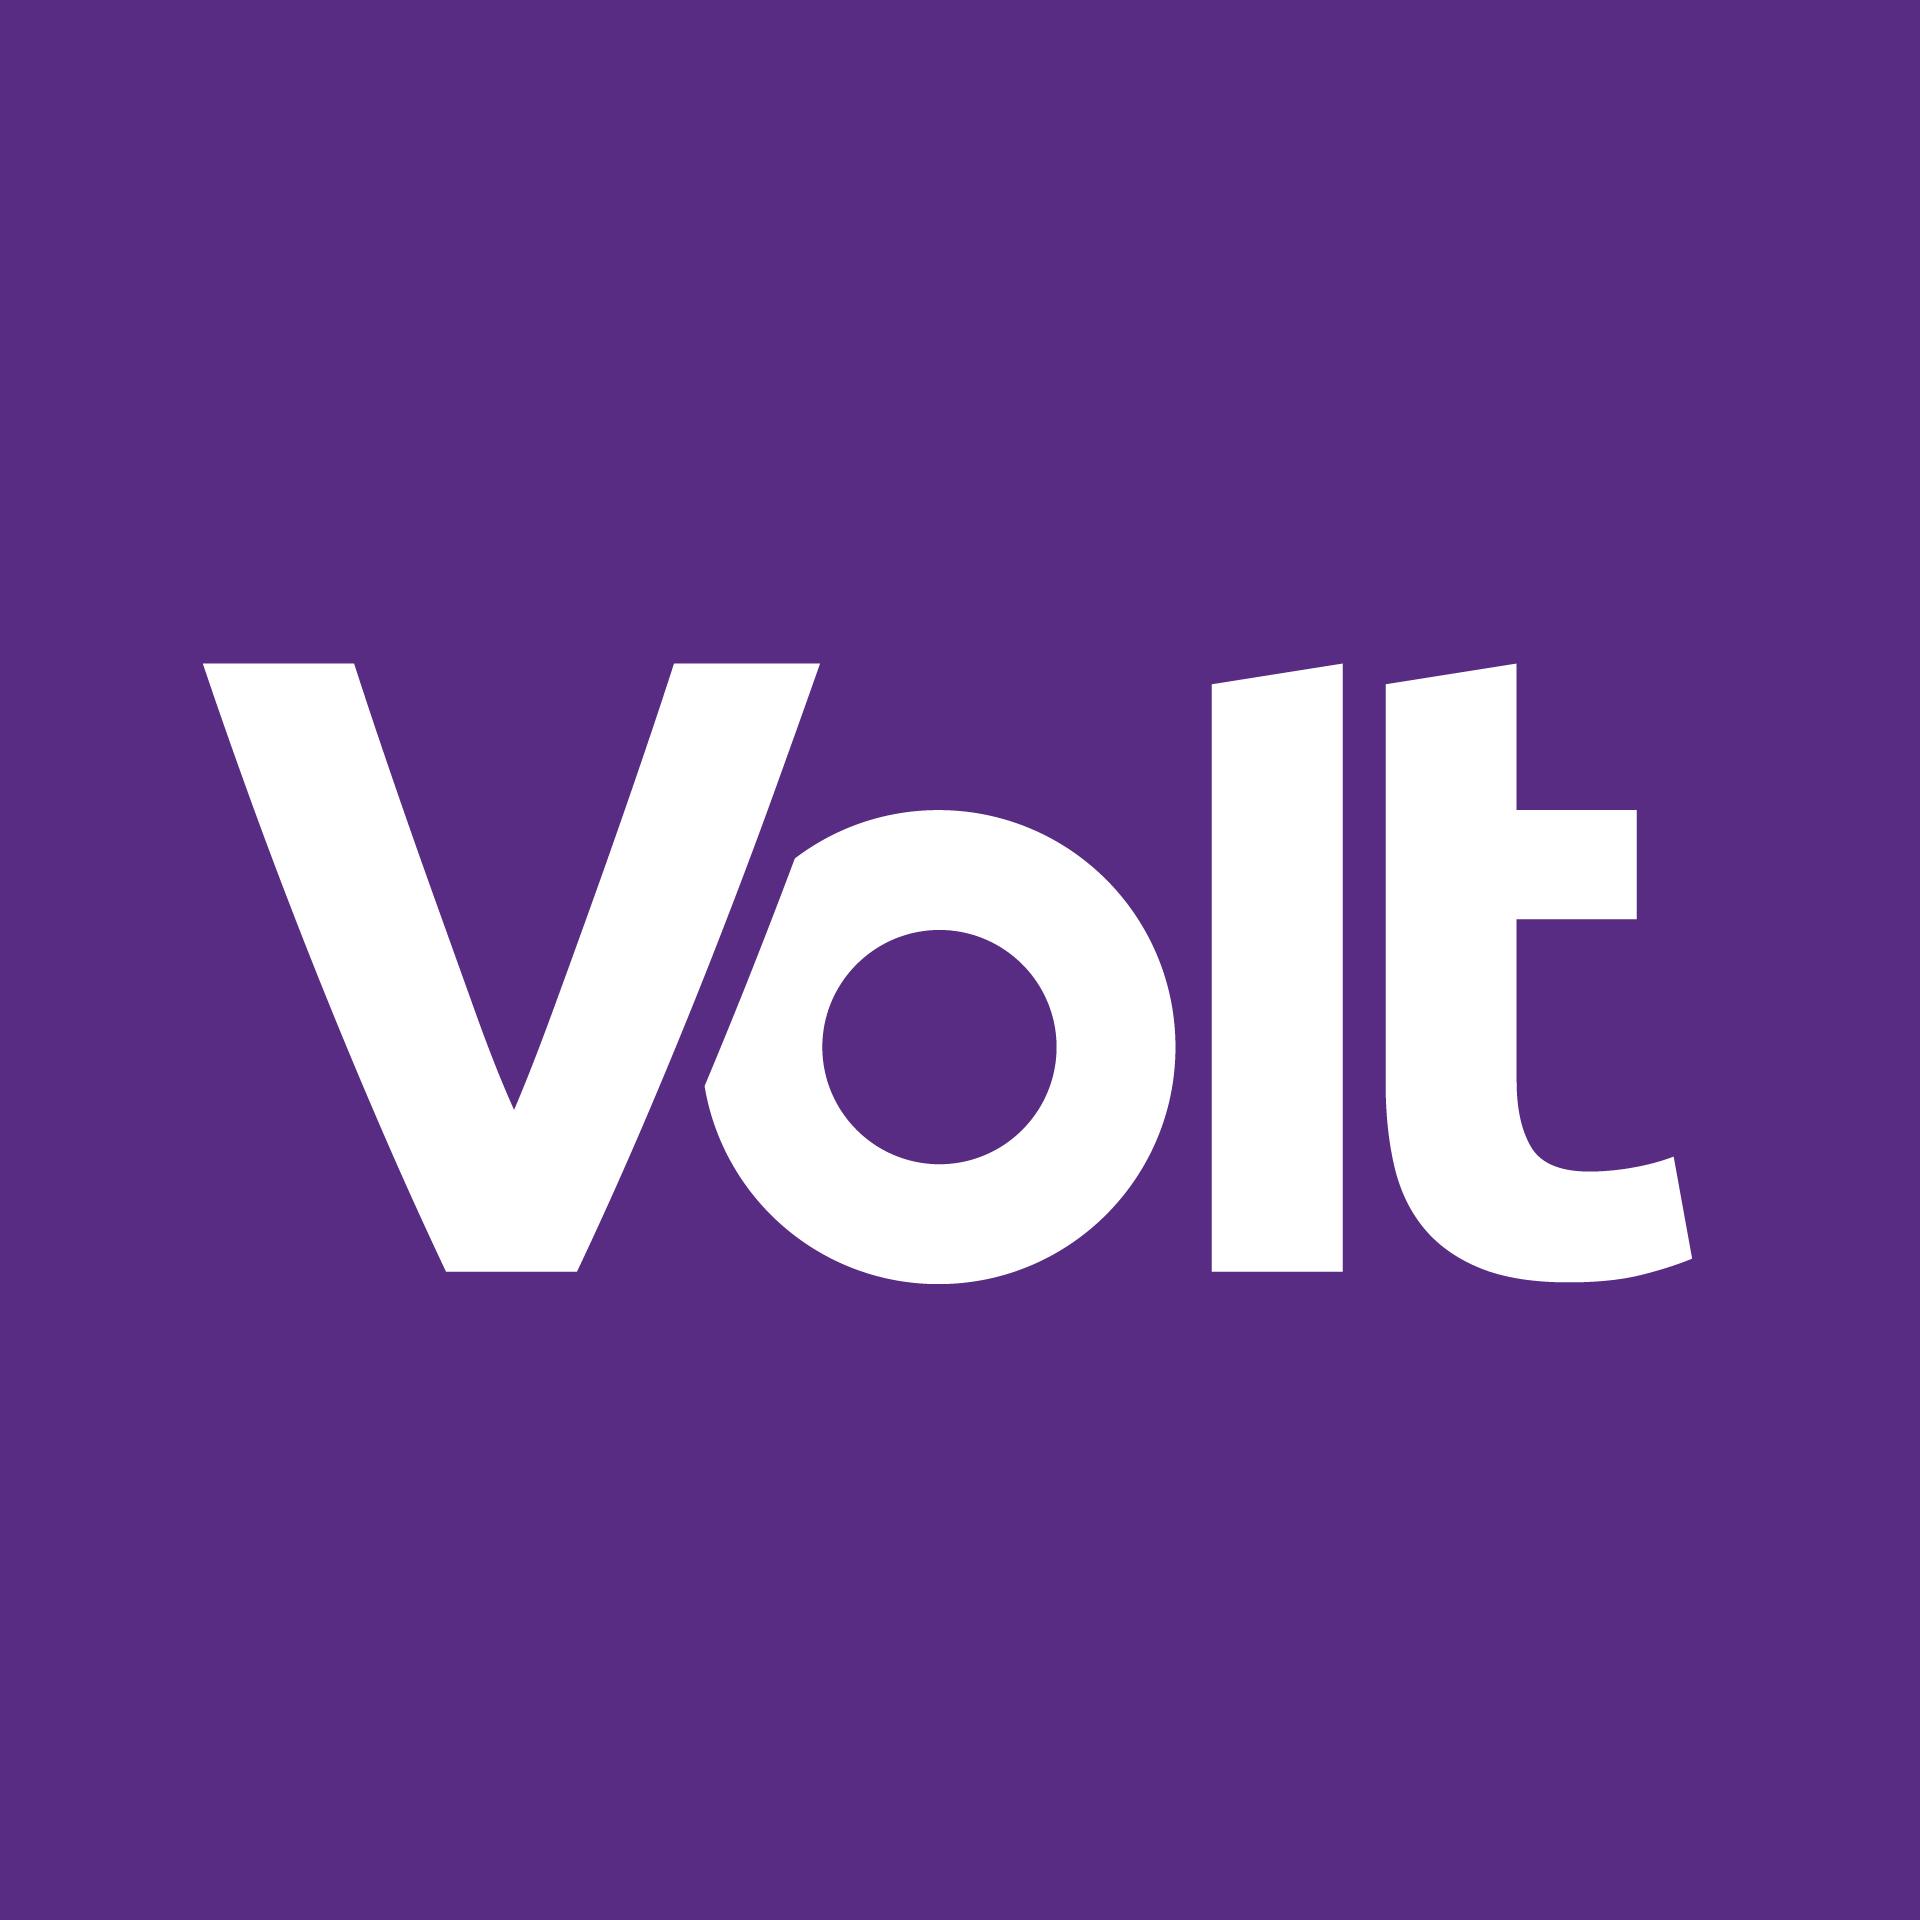 Volt UK